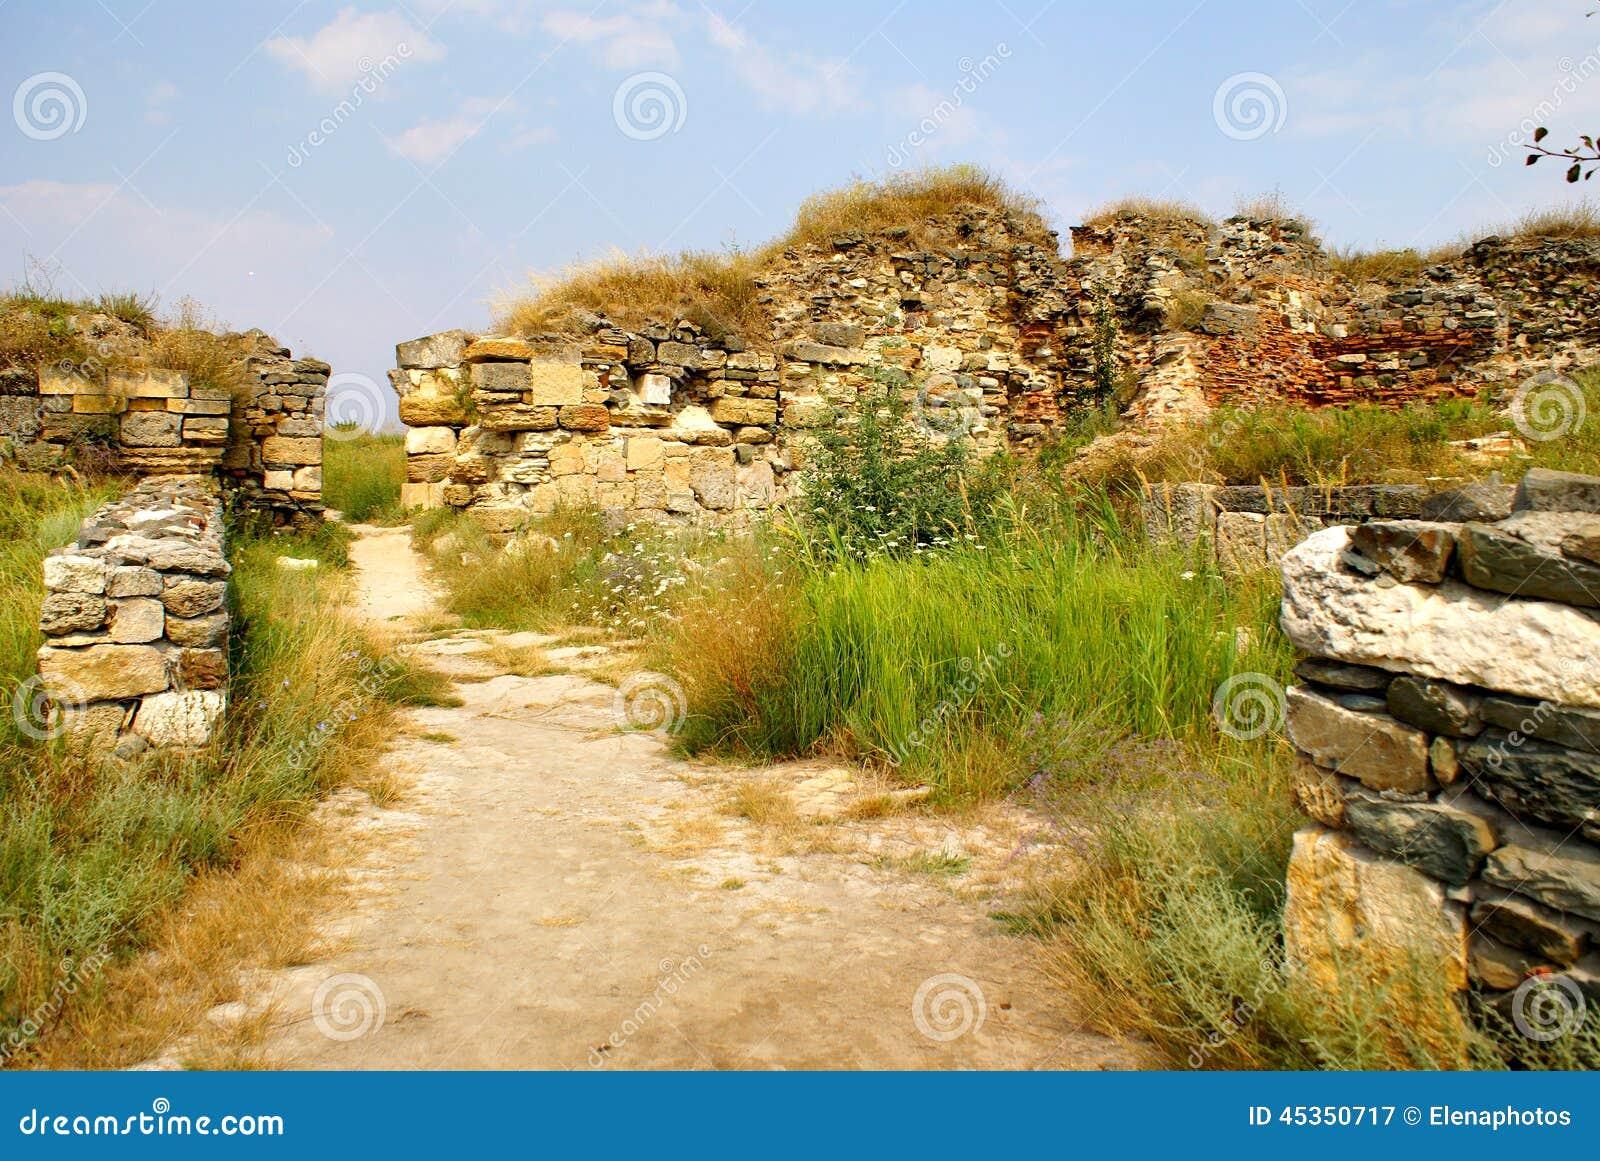 Histria, ville antique en Roumanie